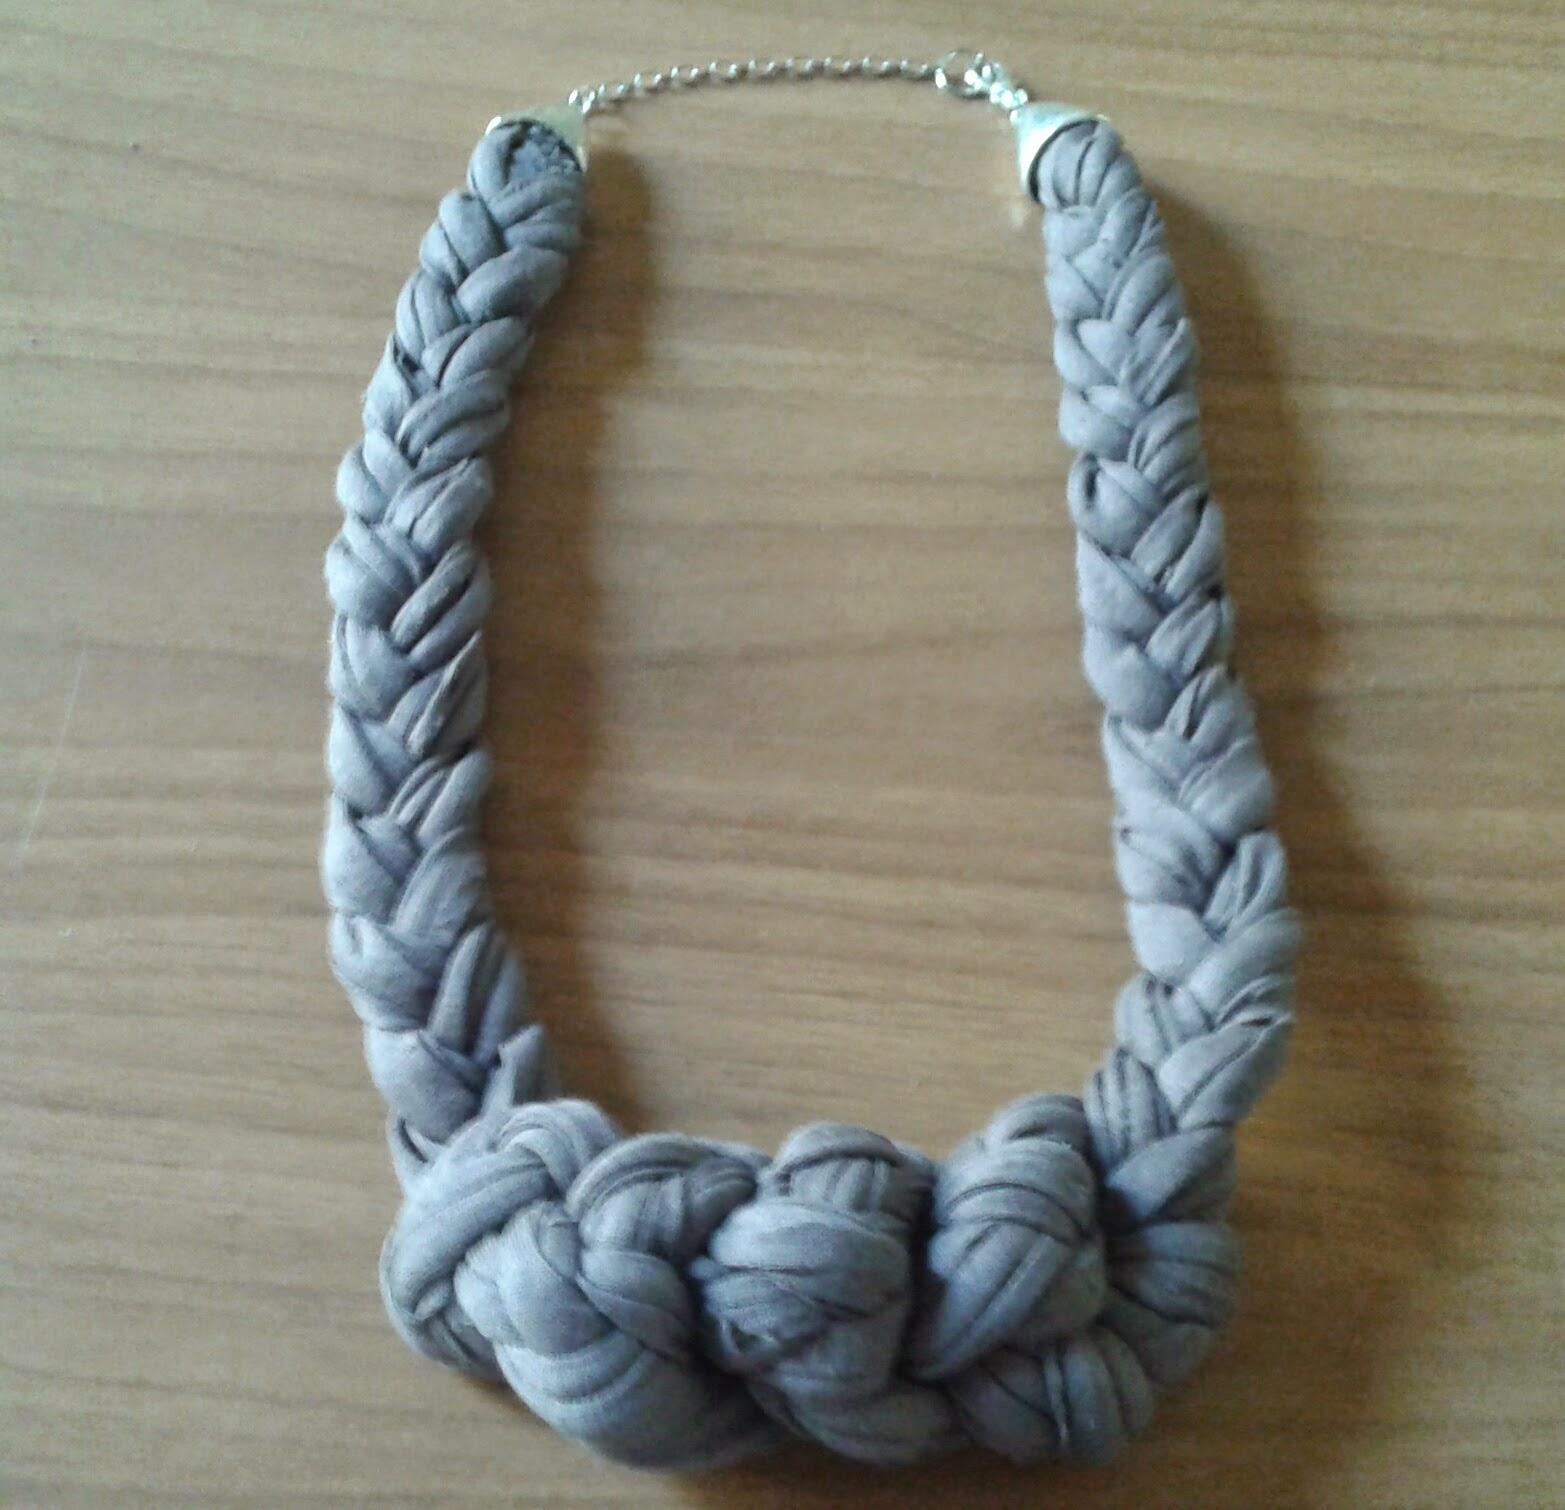 Molto Come fare collane con la fettuccia ~ Centomilaidee CG26